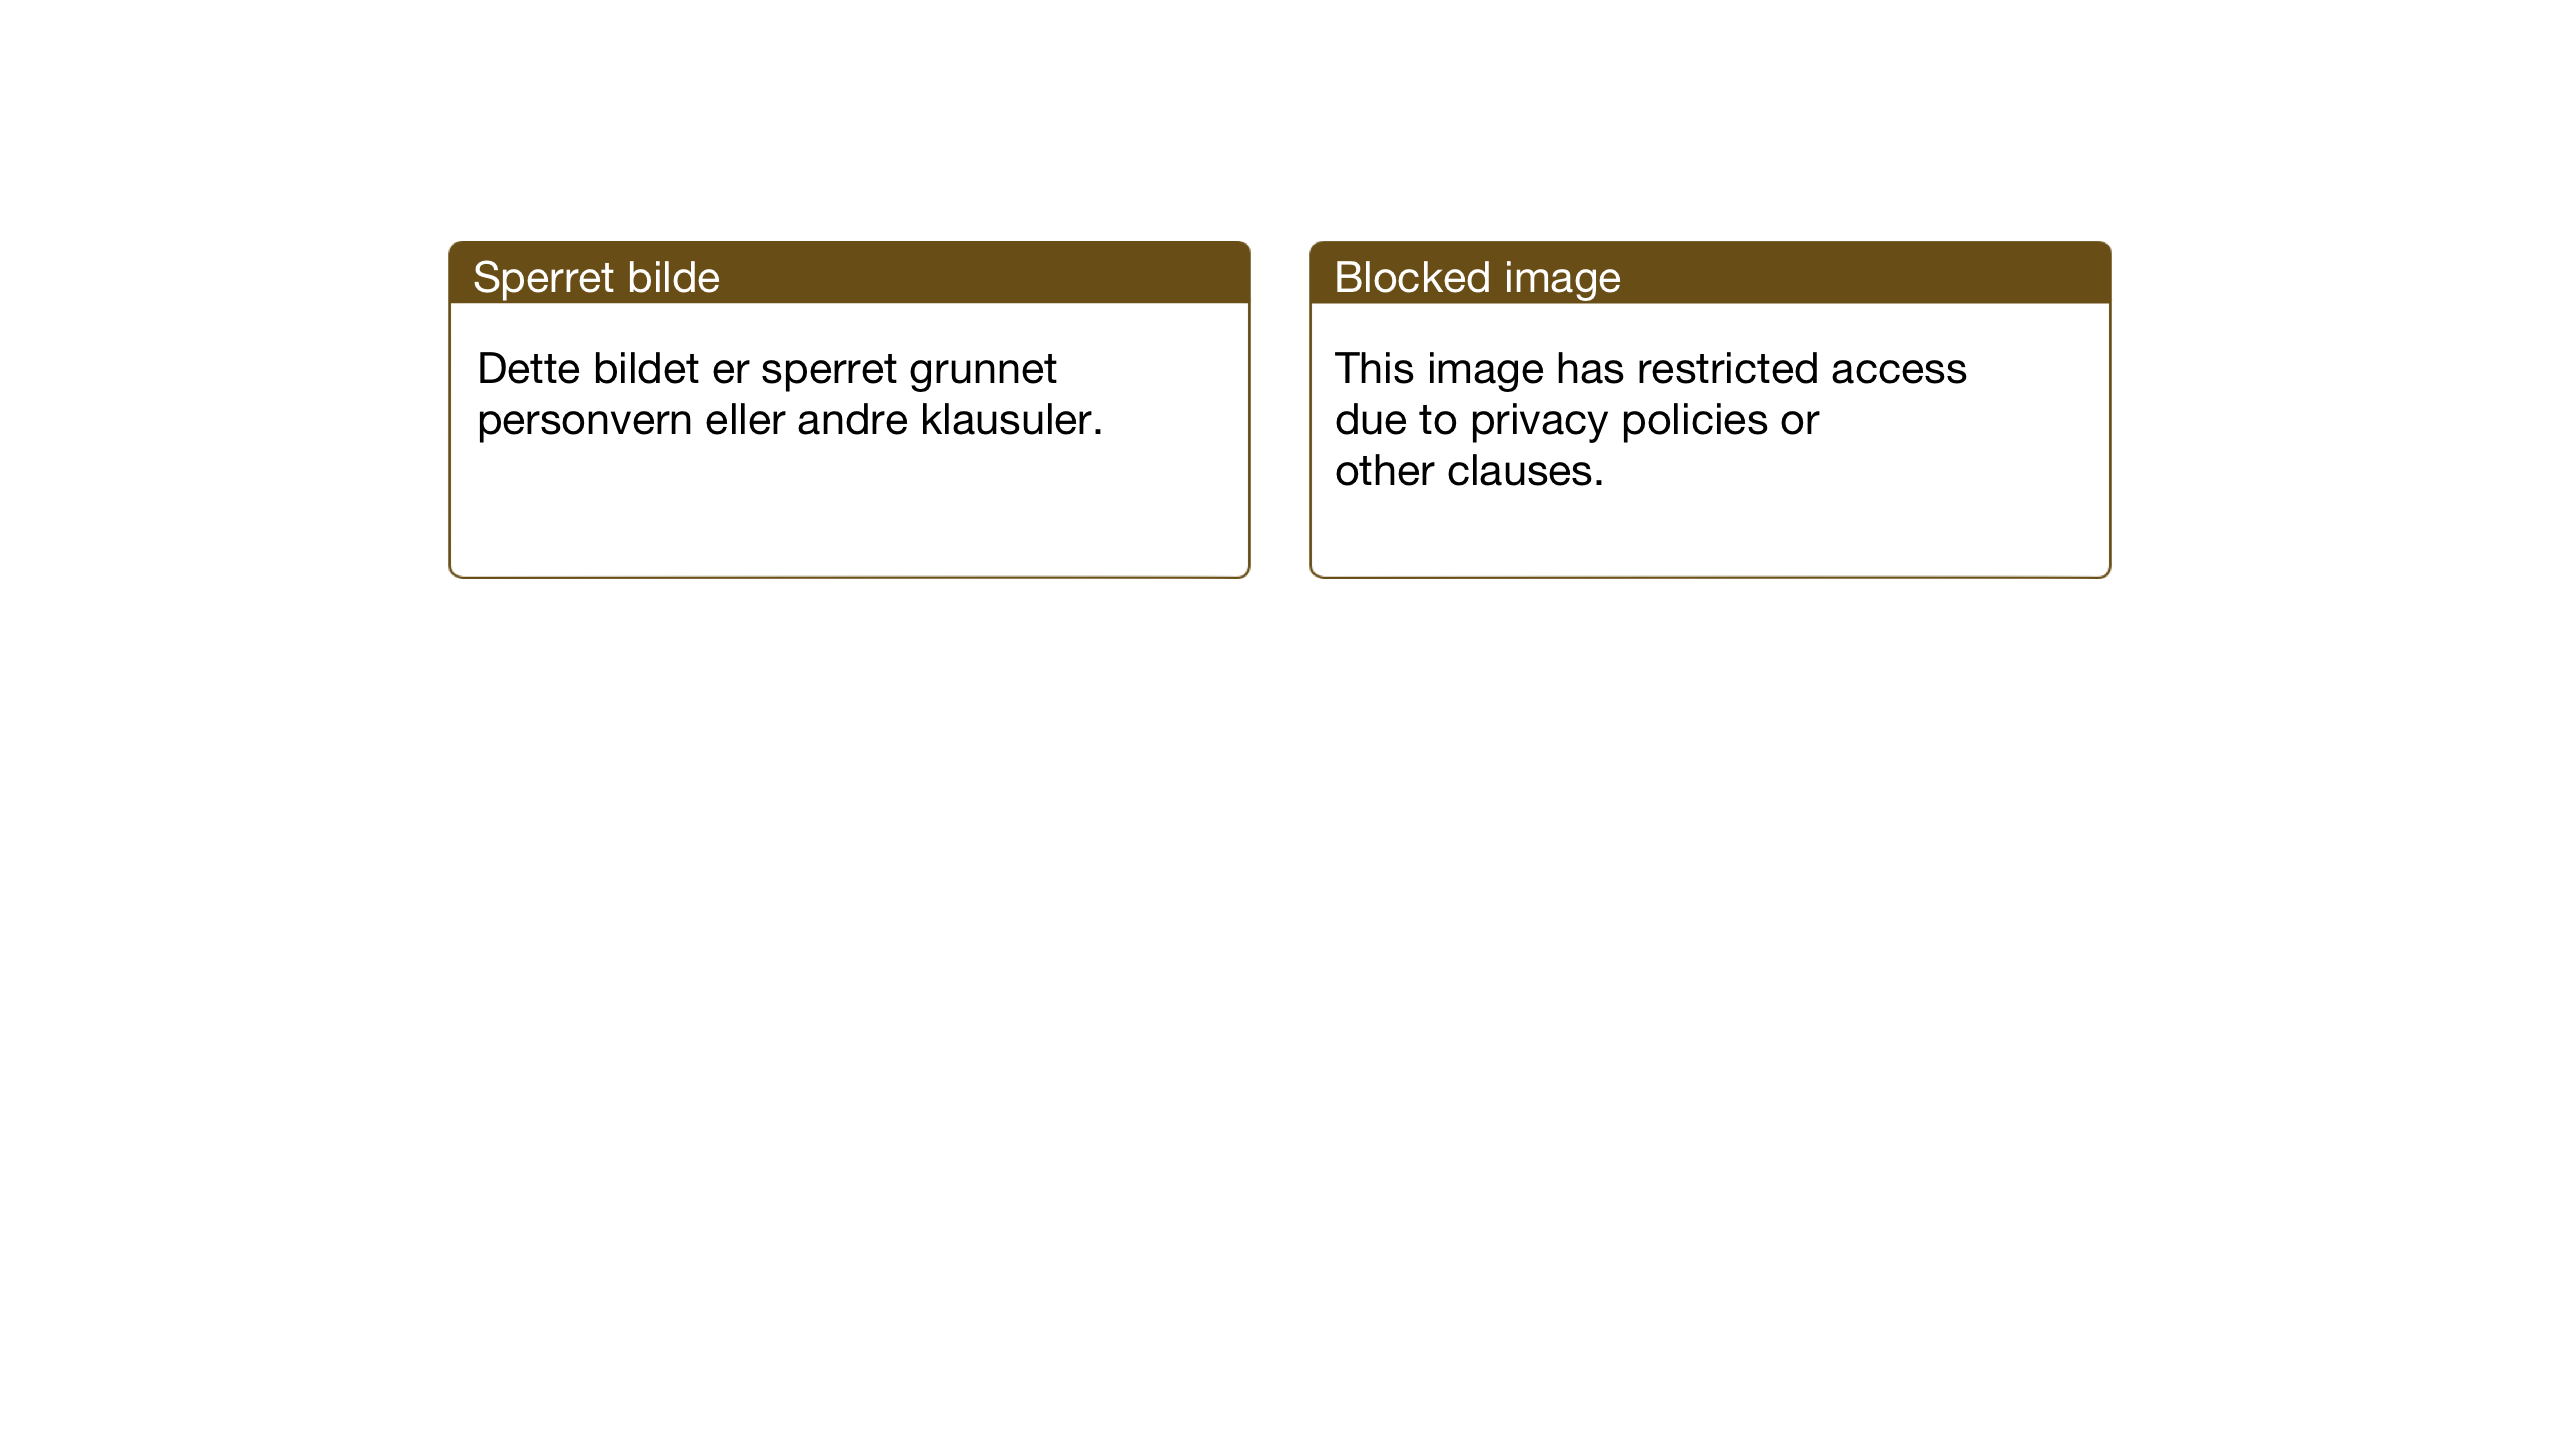 RA, Justisdepartementet, Sivilavdelingen (RA/S-6490), 1999-2000, s. 2